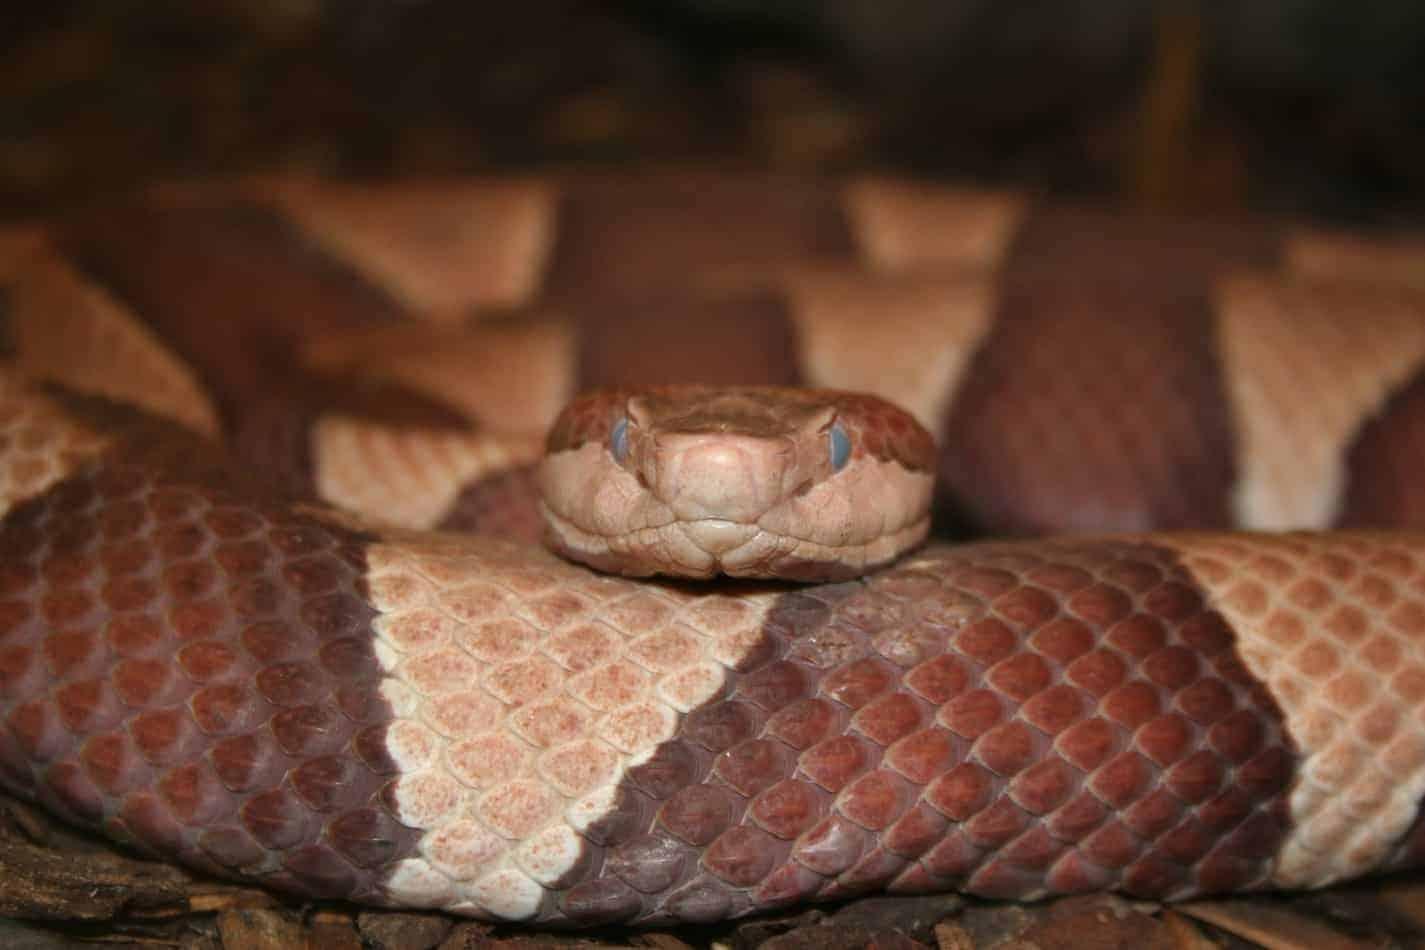 Corn Snake vs Copperhead Snake